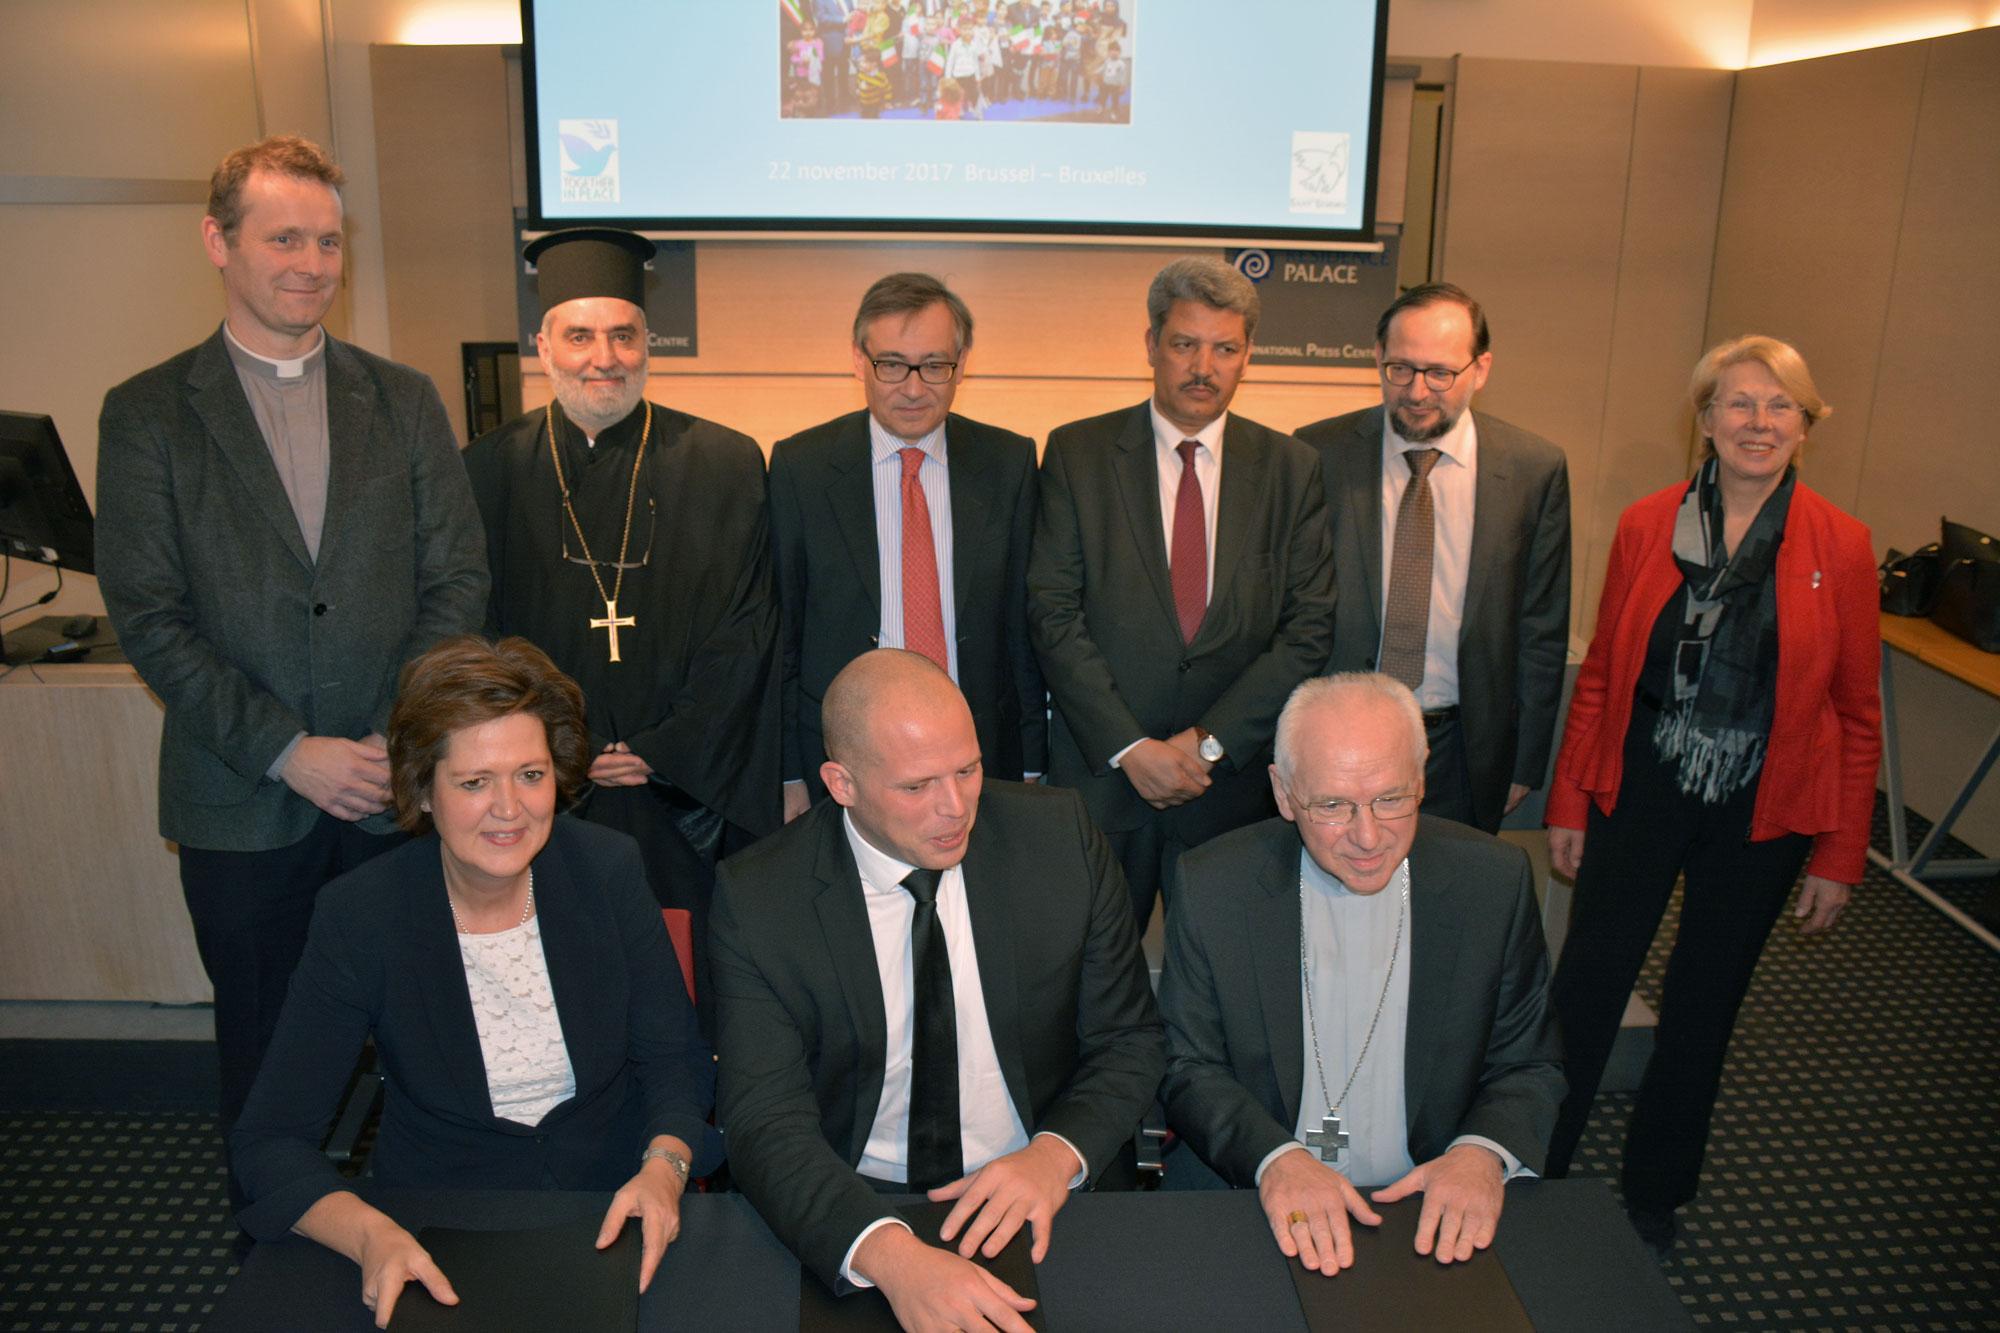 Groepsfoto van staatssecretaris Theo Francken met de vertegenwoordigers van de erkende erediensten in ons land. © Sant'Egidio